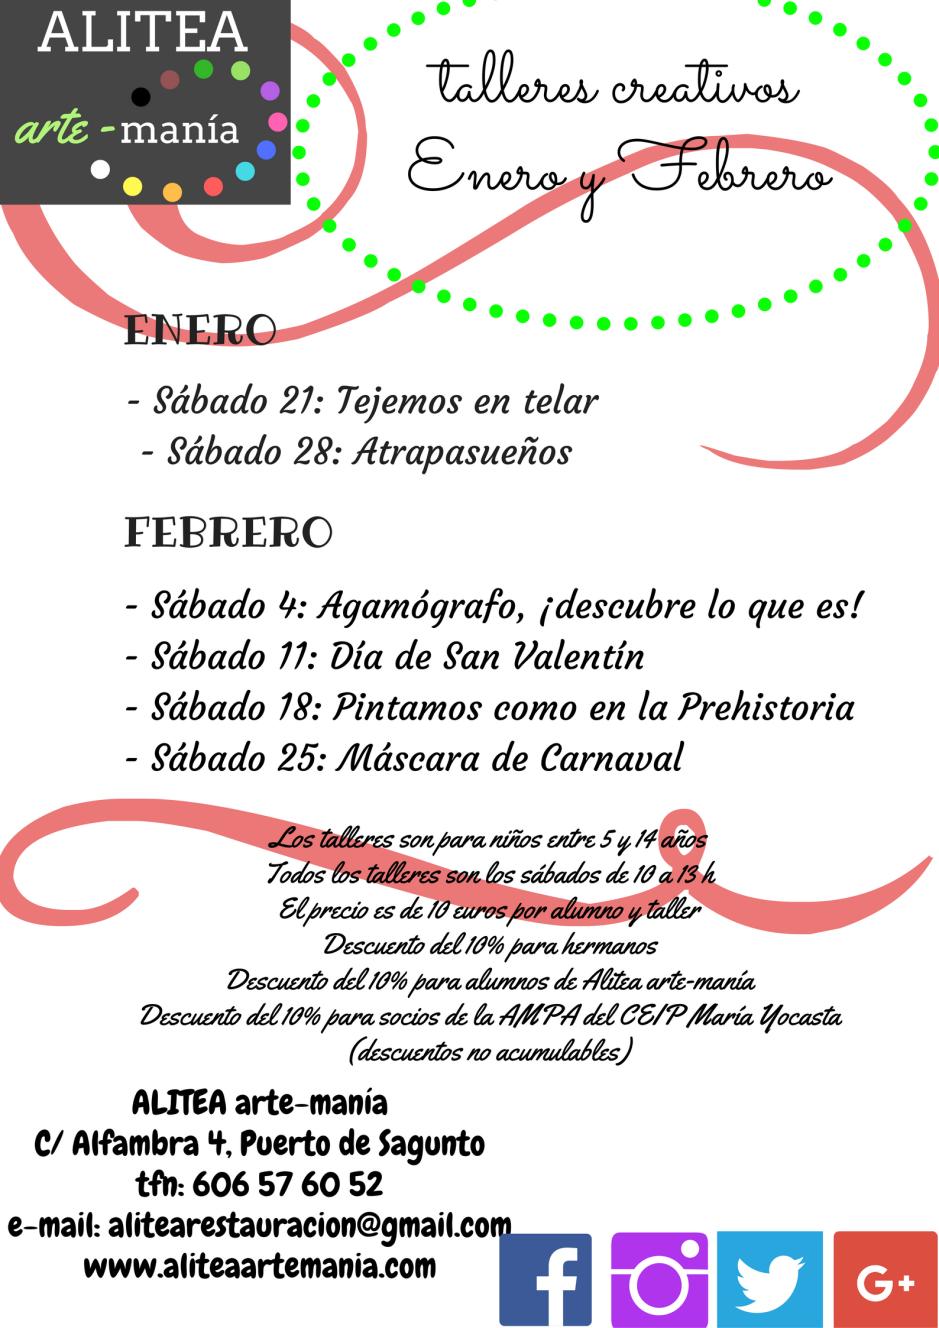 talleres-creativosabrilmayo-y-junio-2